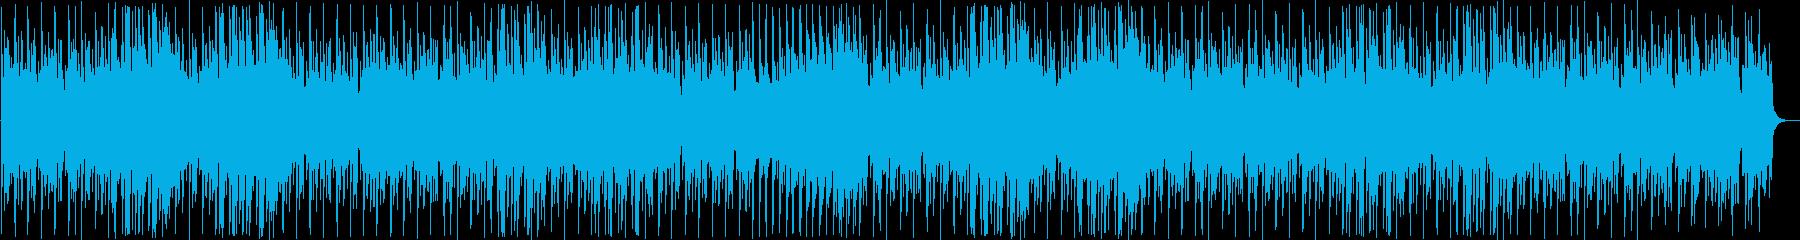 ファンタジーな木琴シンセなどのサウンドの再生済みの波形